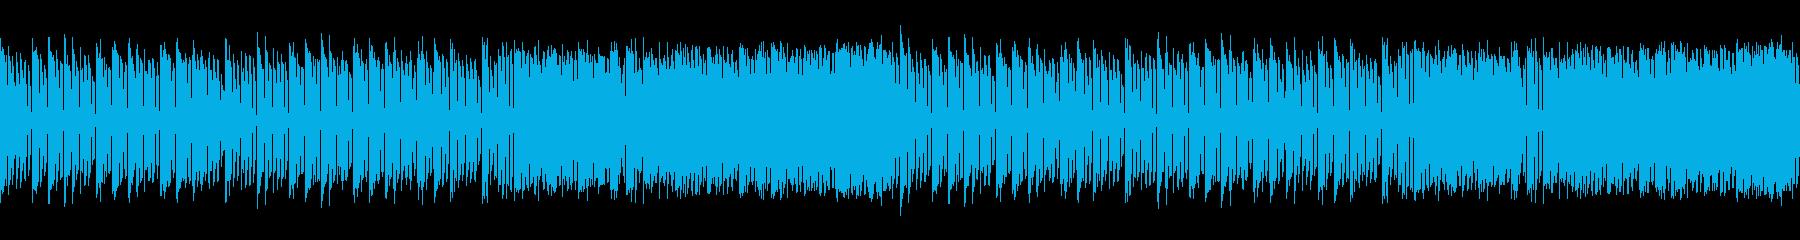 火花が散る発電所/工場を描いたエレクトロの再生済みの波形